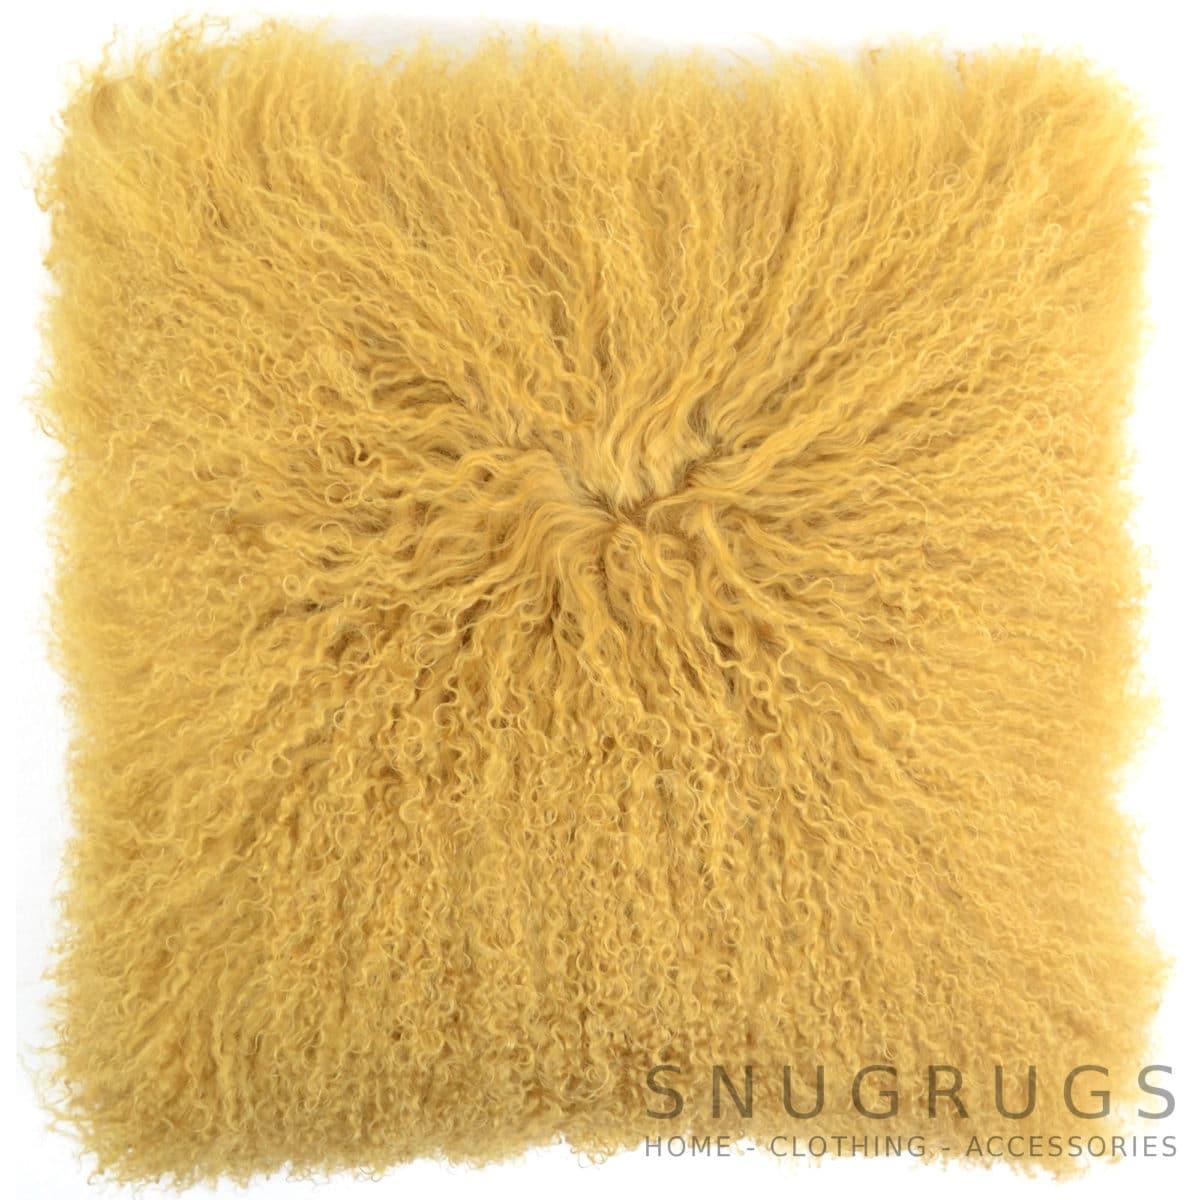 Cushions & Beanbags